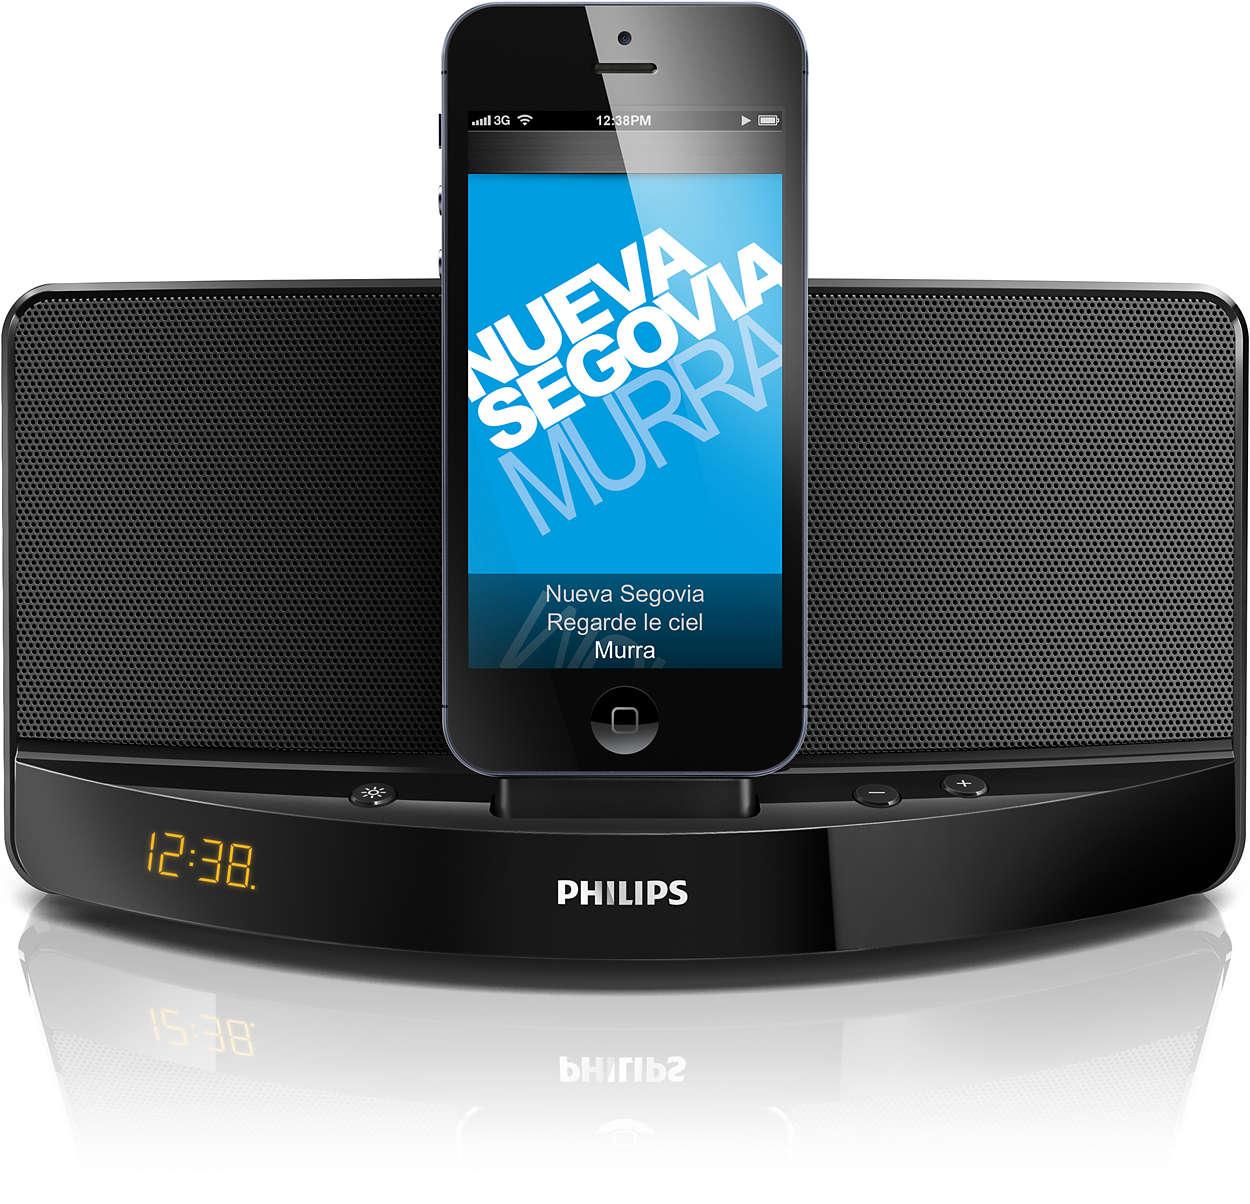 docking speaker ad305 37 philips. Black Bedroom Furniture Sets. Home Design Ideas